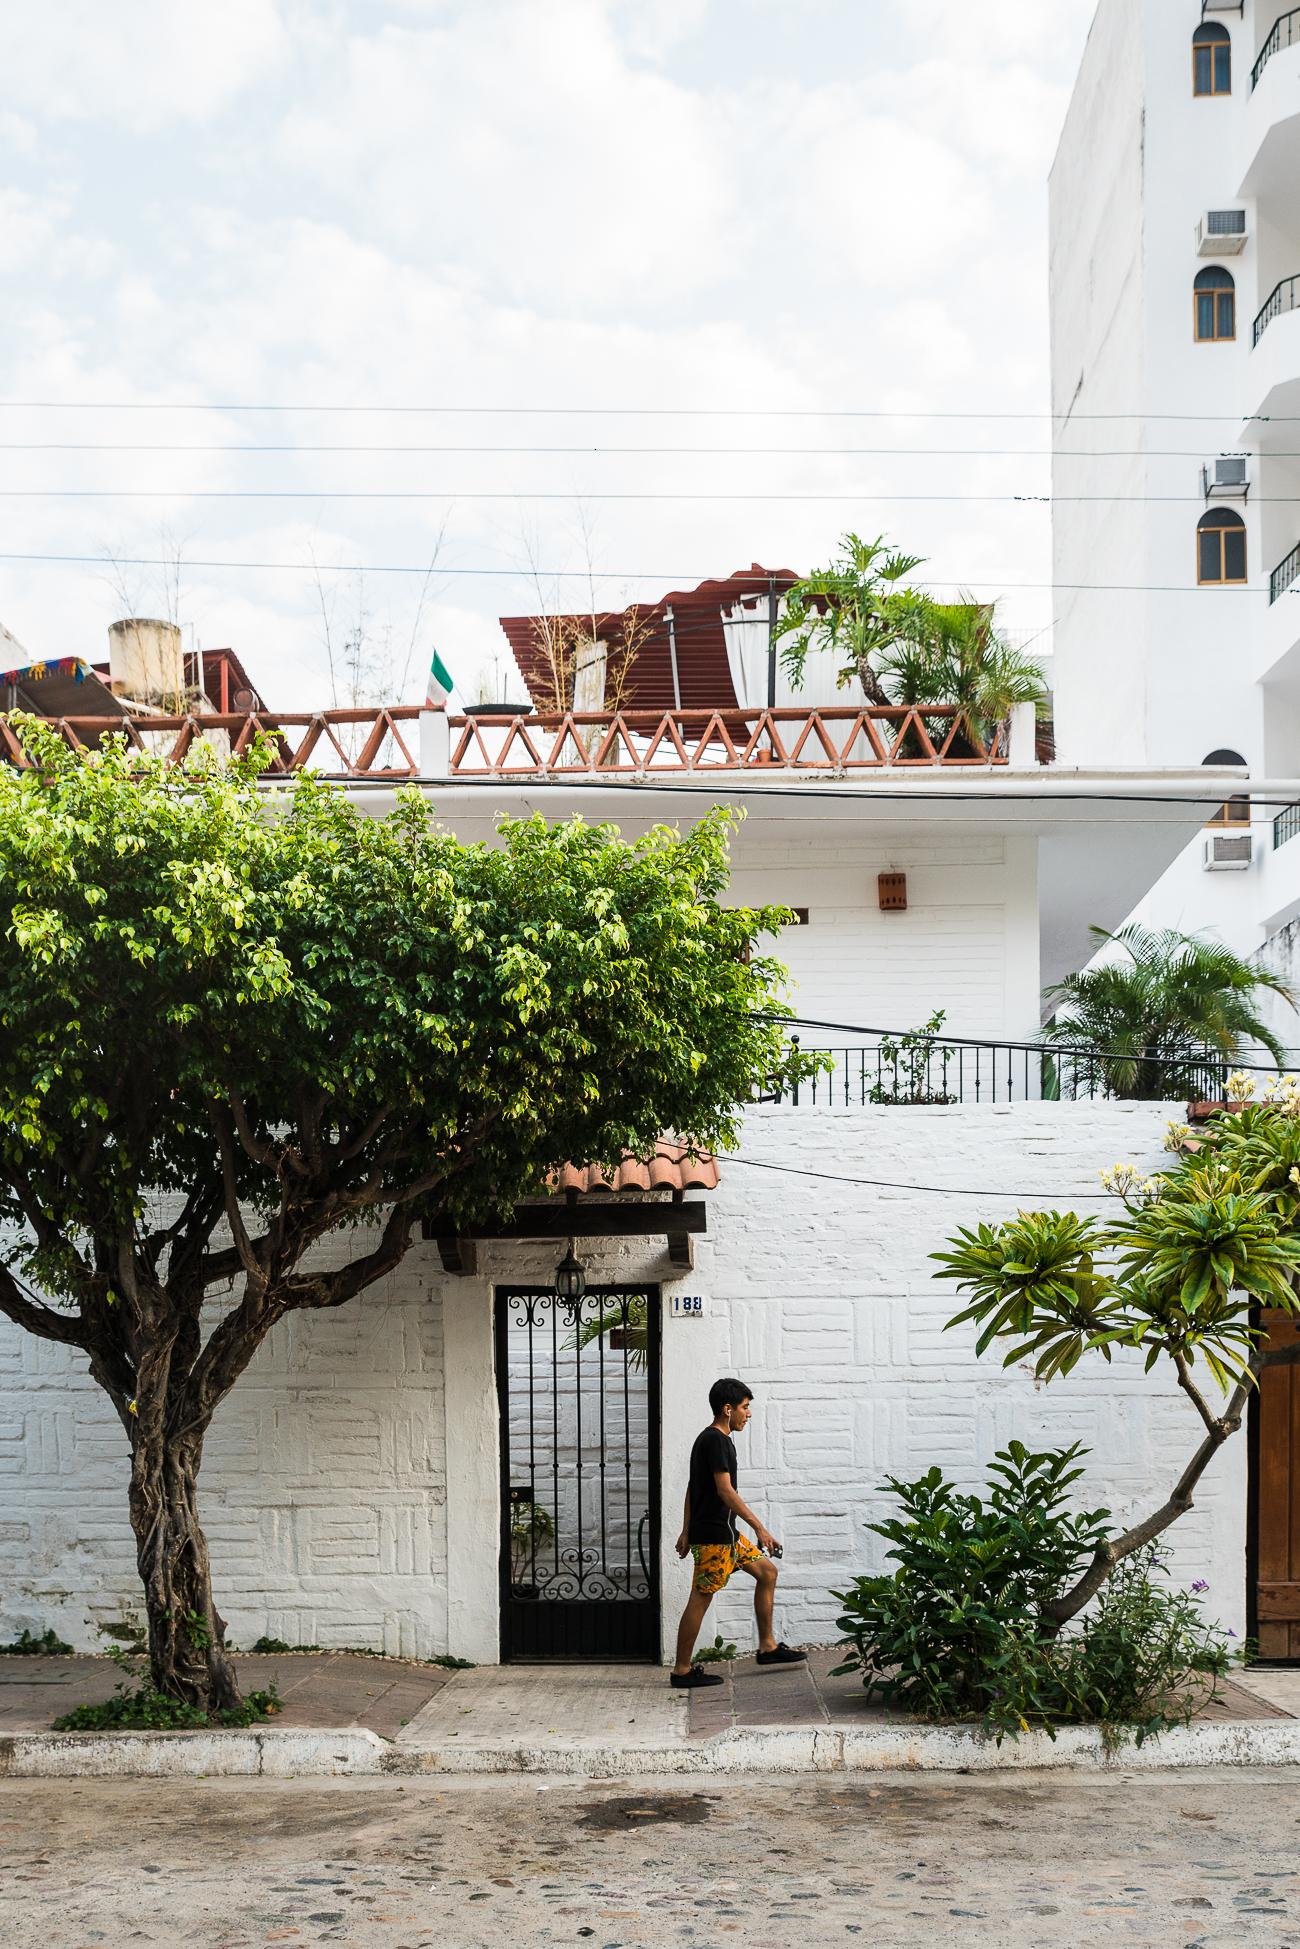 Wandering Puerto Vallarta / See & Savour